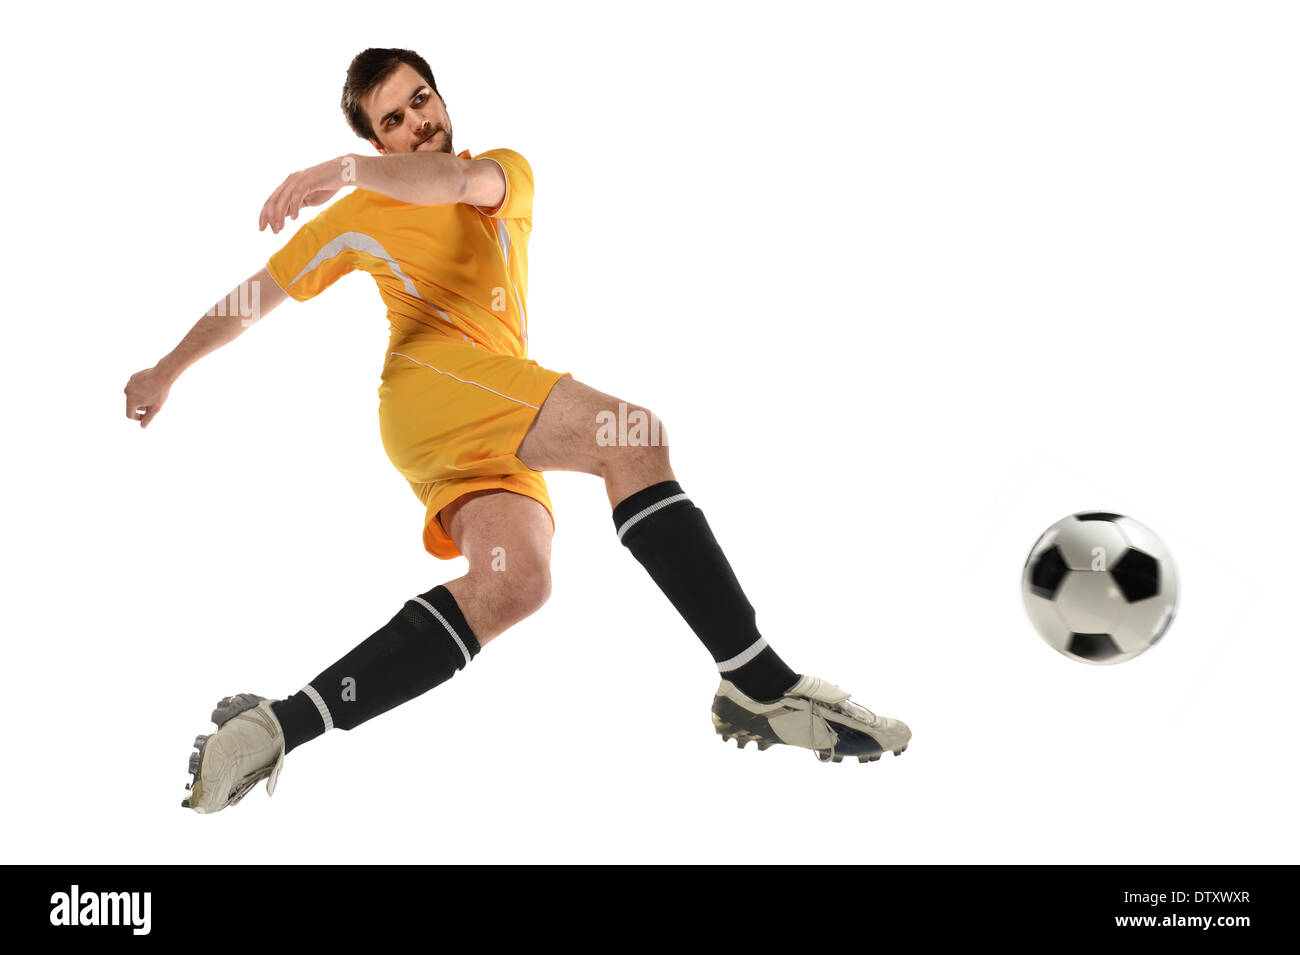 Jugador de fútbol Patea la bola en mitad del aire aislado sobre fondo blanco.  Imagen ff73db4a7820a